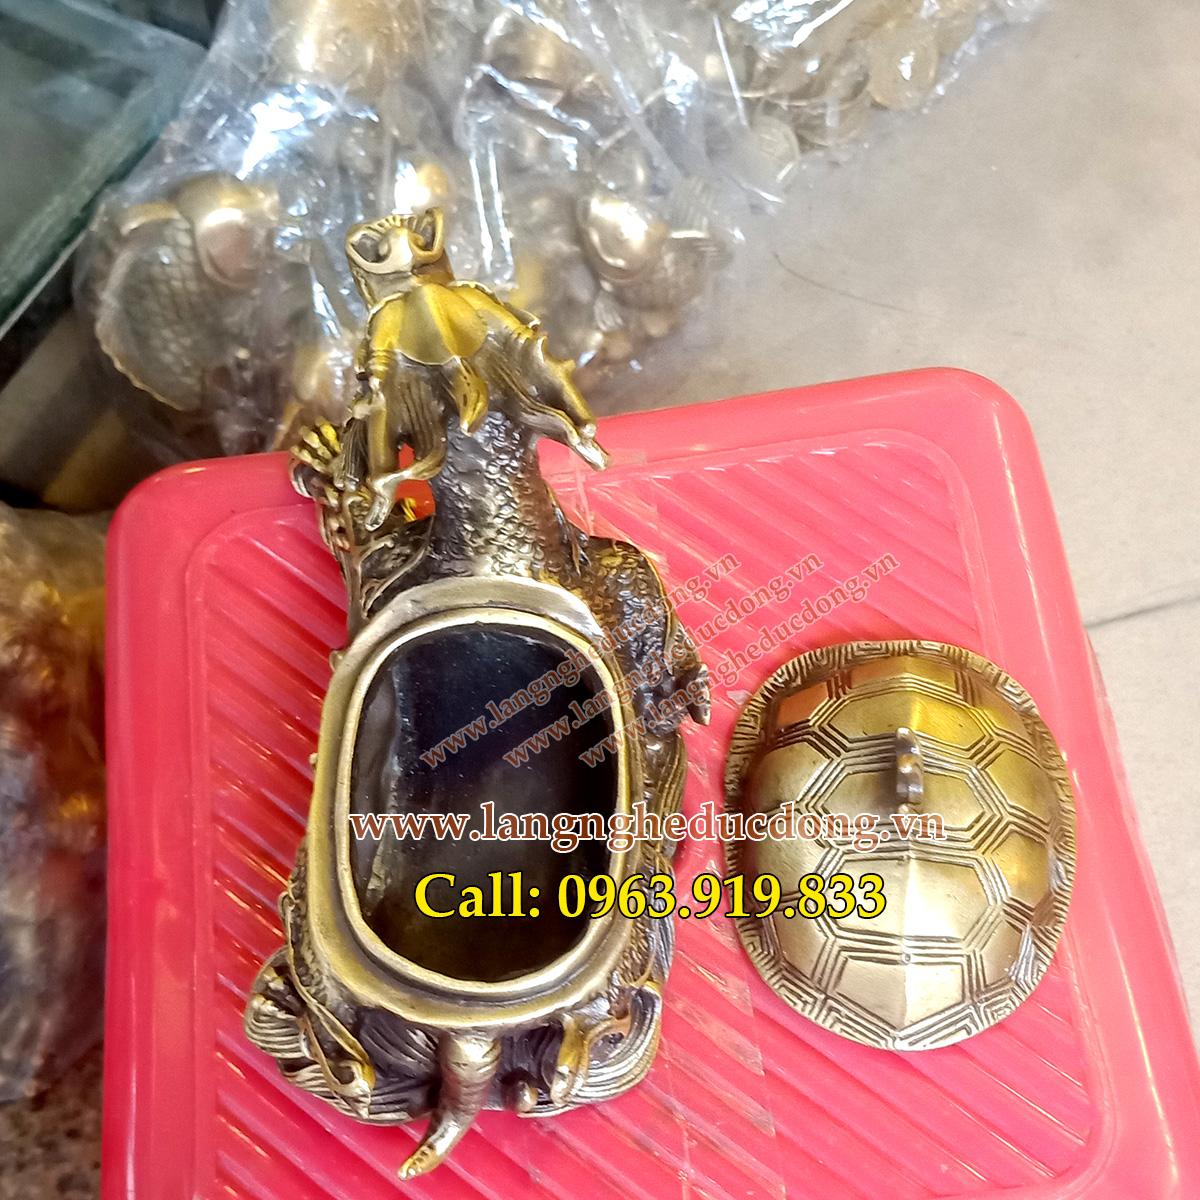 langngheducdong.vn - rùa đồng, rùa phong thủy, vật phẩm phong thủy, đồ đồng phong thủy